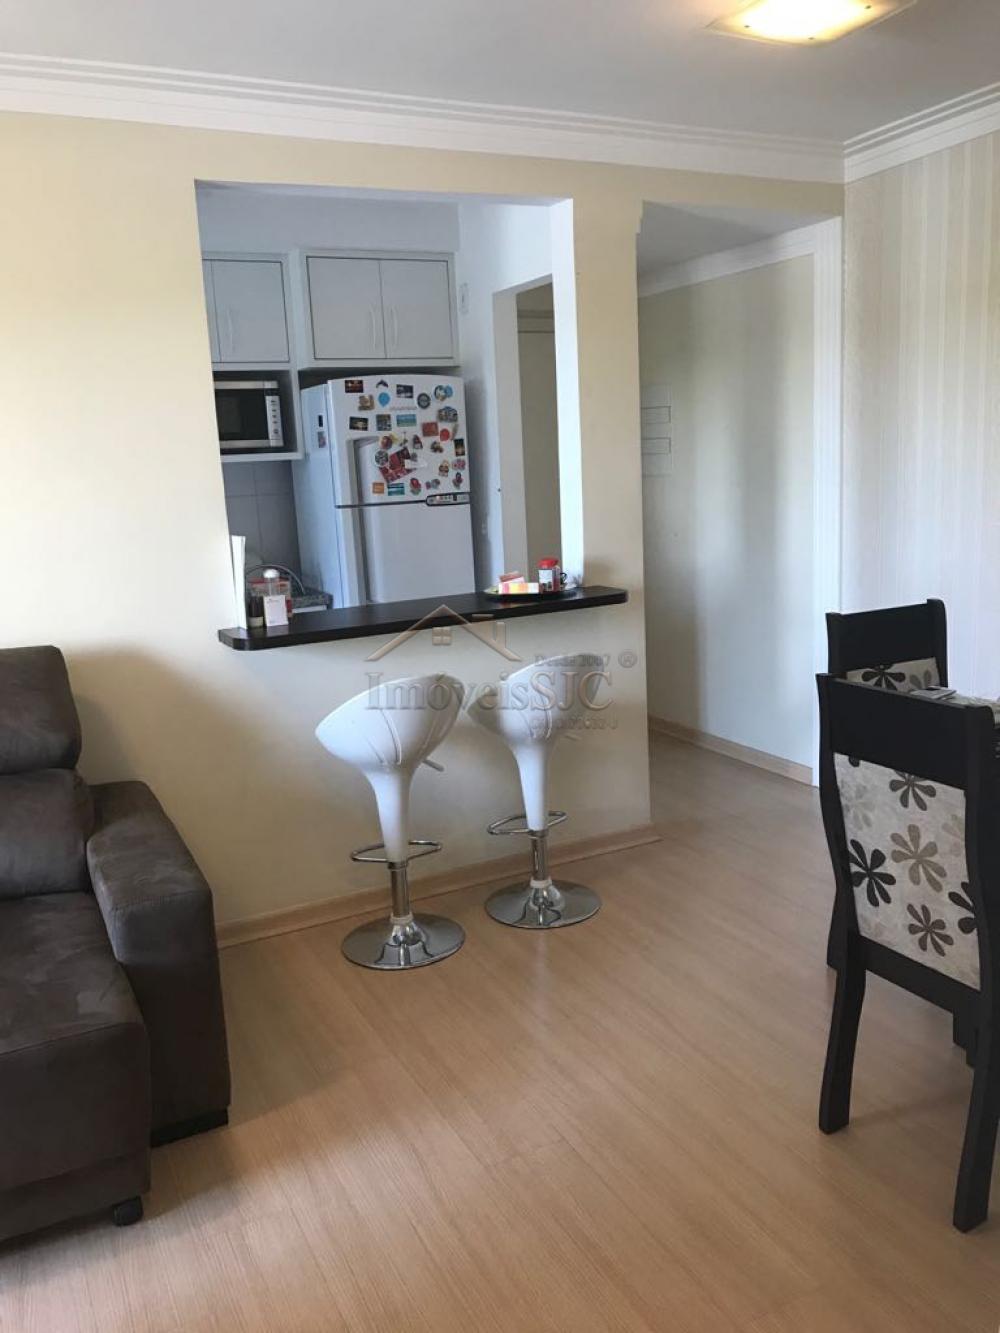 Comprar Apartamentos / Padrão em São José dos Campos apenas R$ 218.000,00 - Foto 6